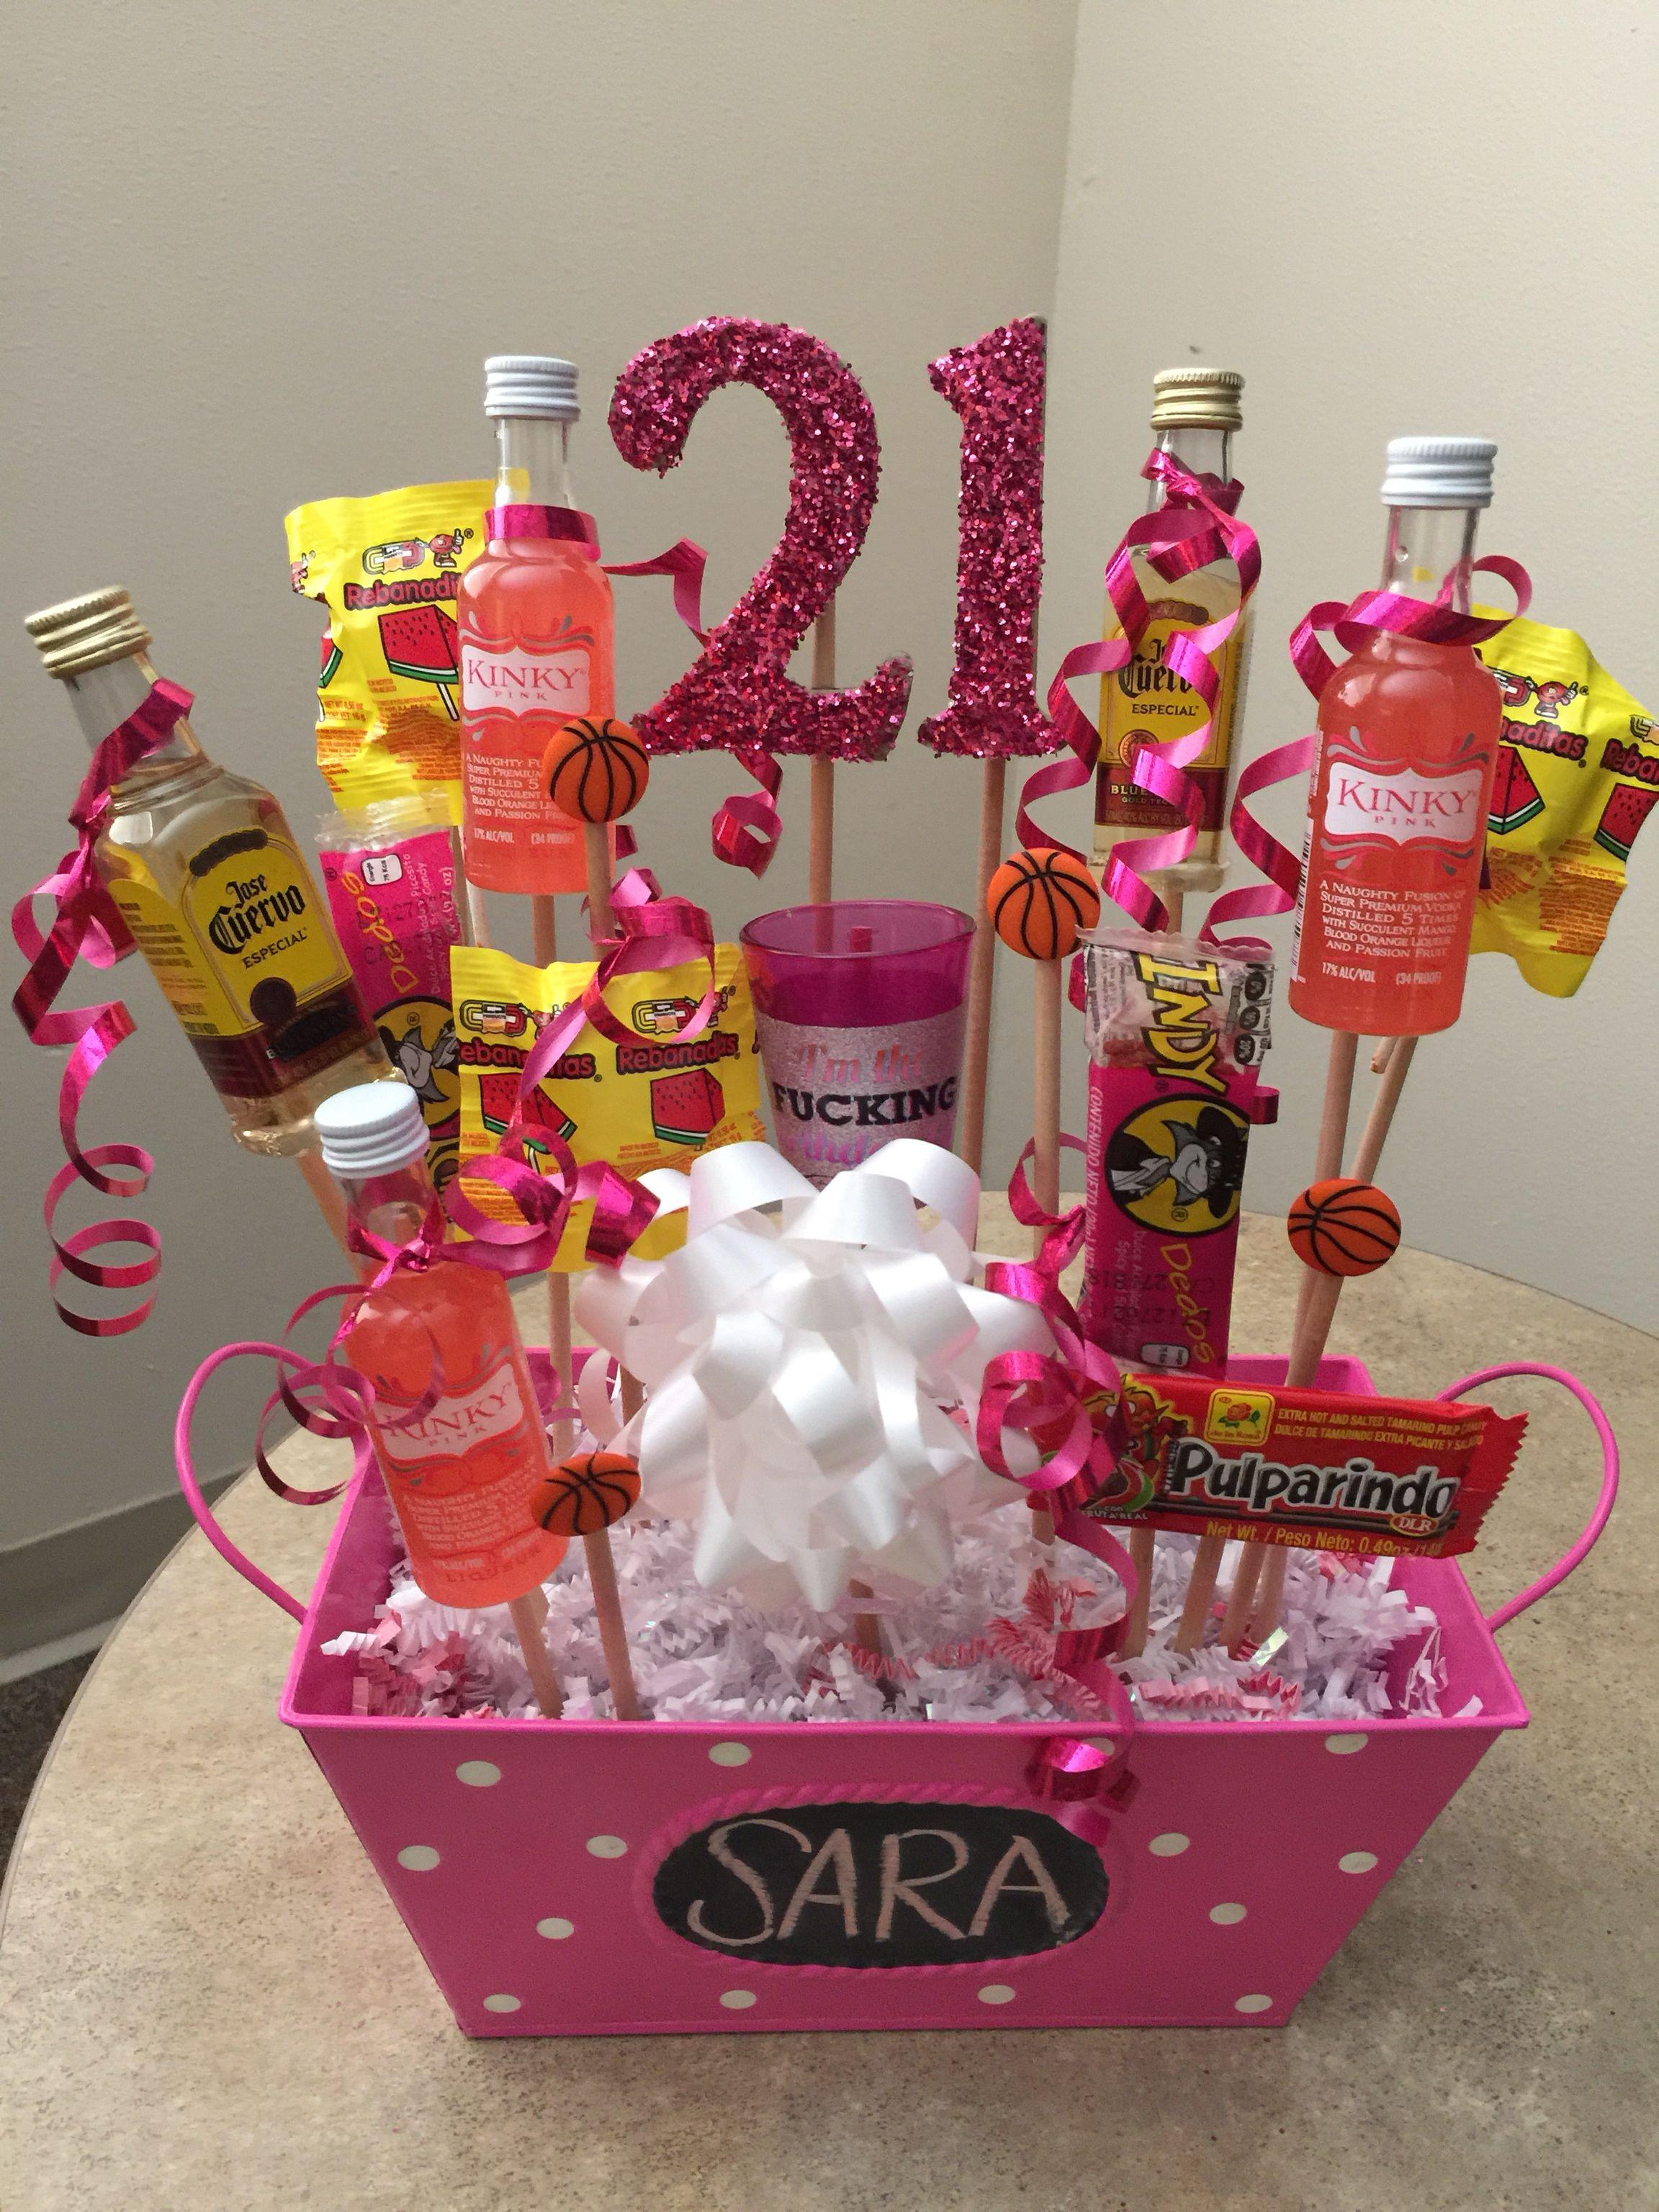 21st Birthday 21st Birthday Gifts Gift Baskets For Men Boyfriend Gift Basket